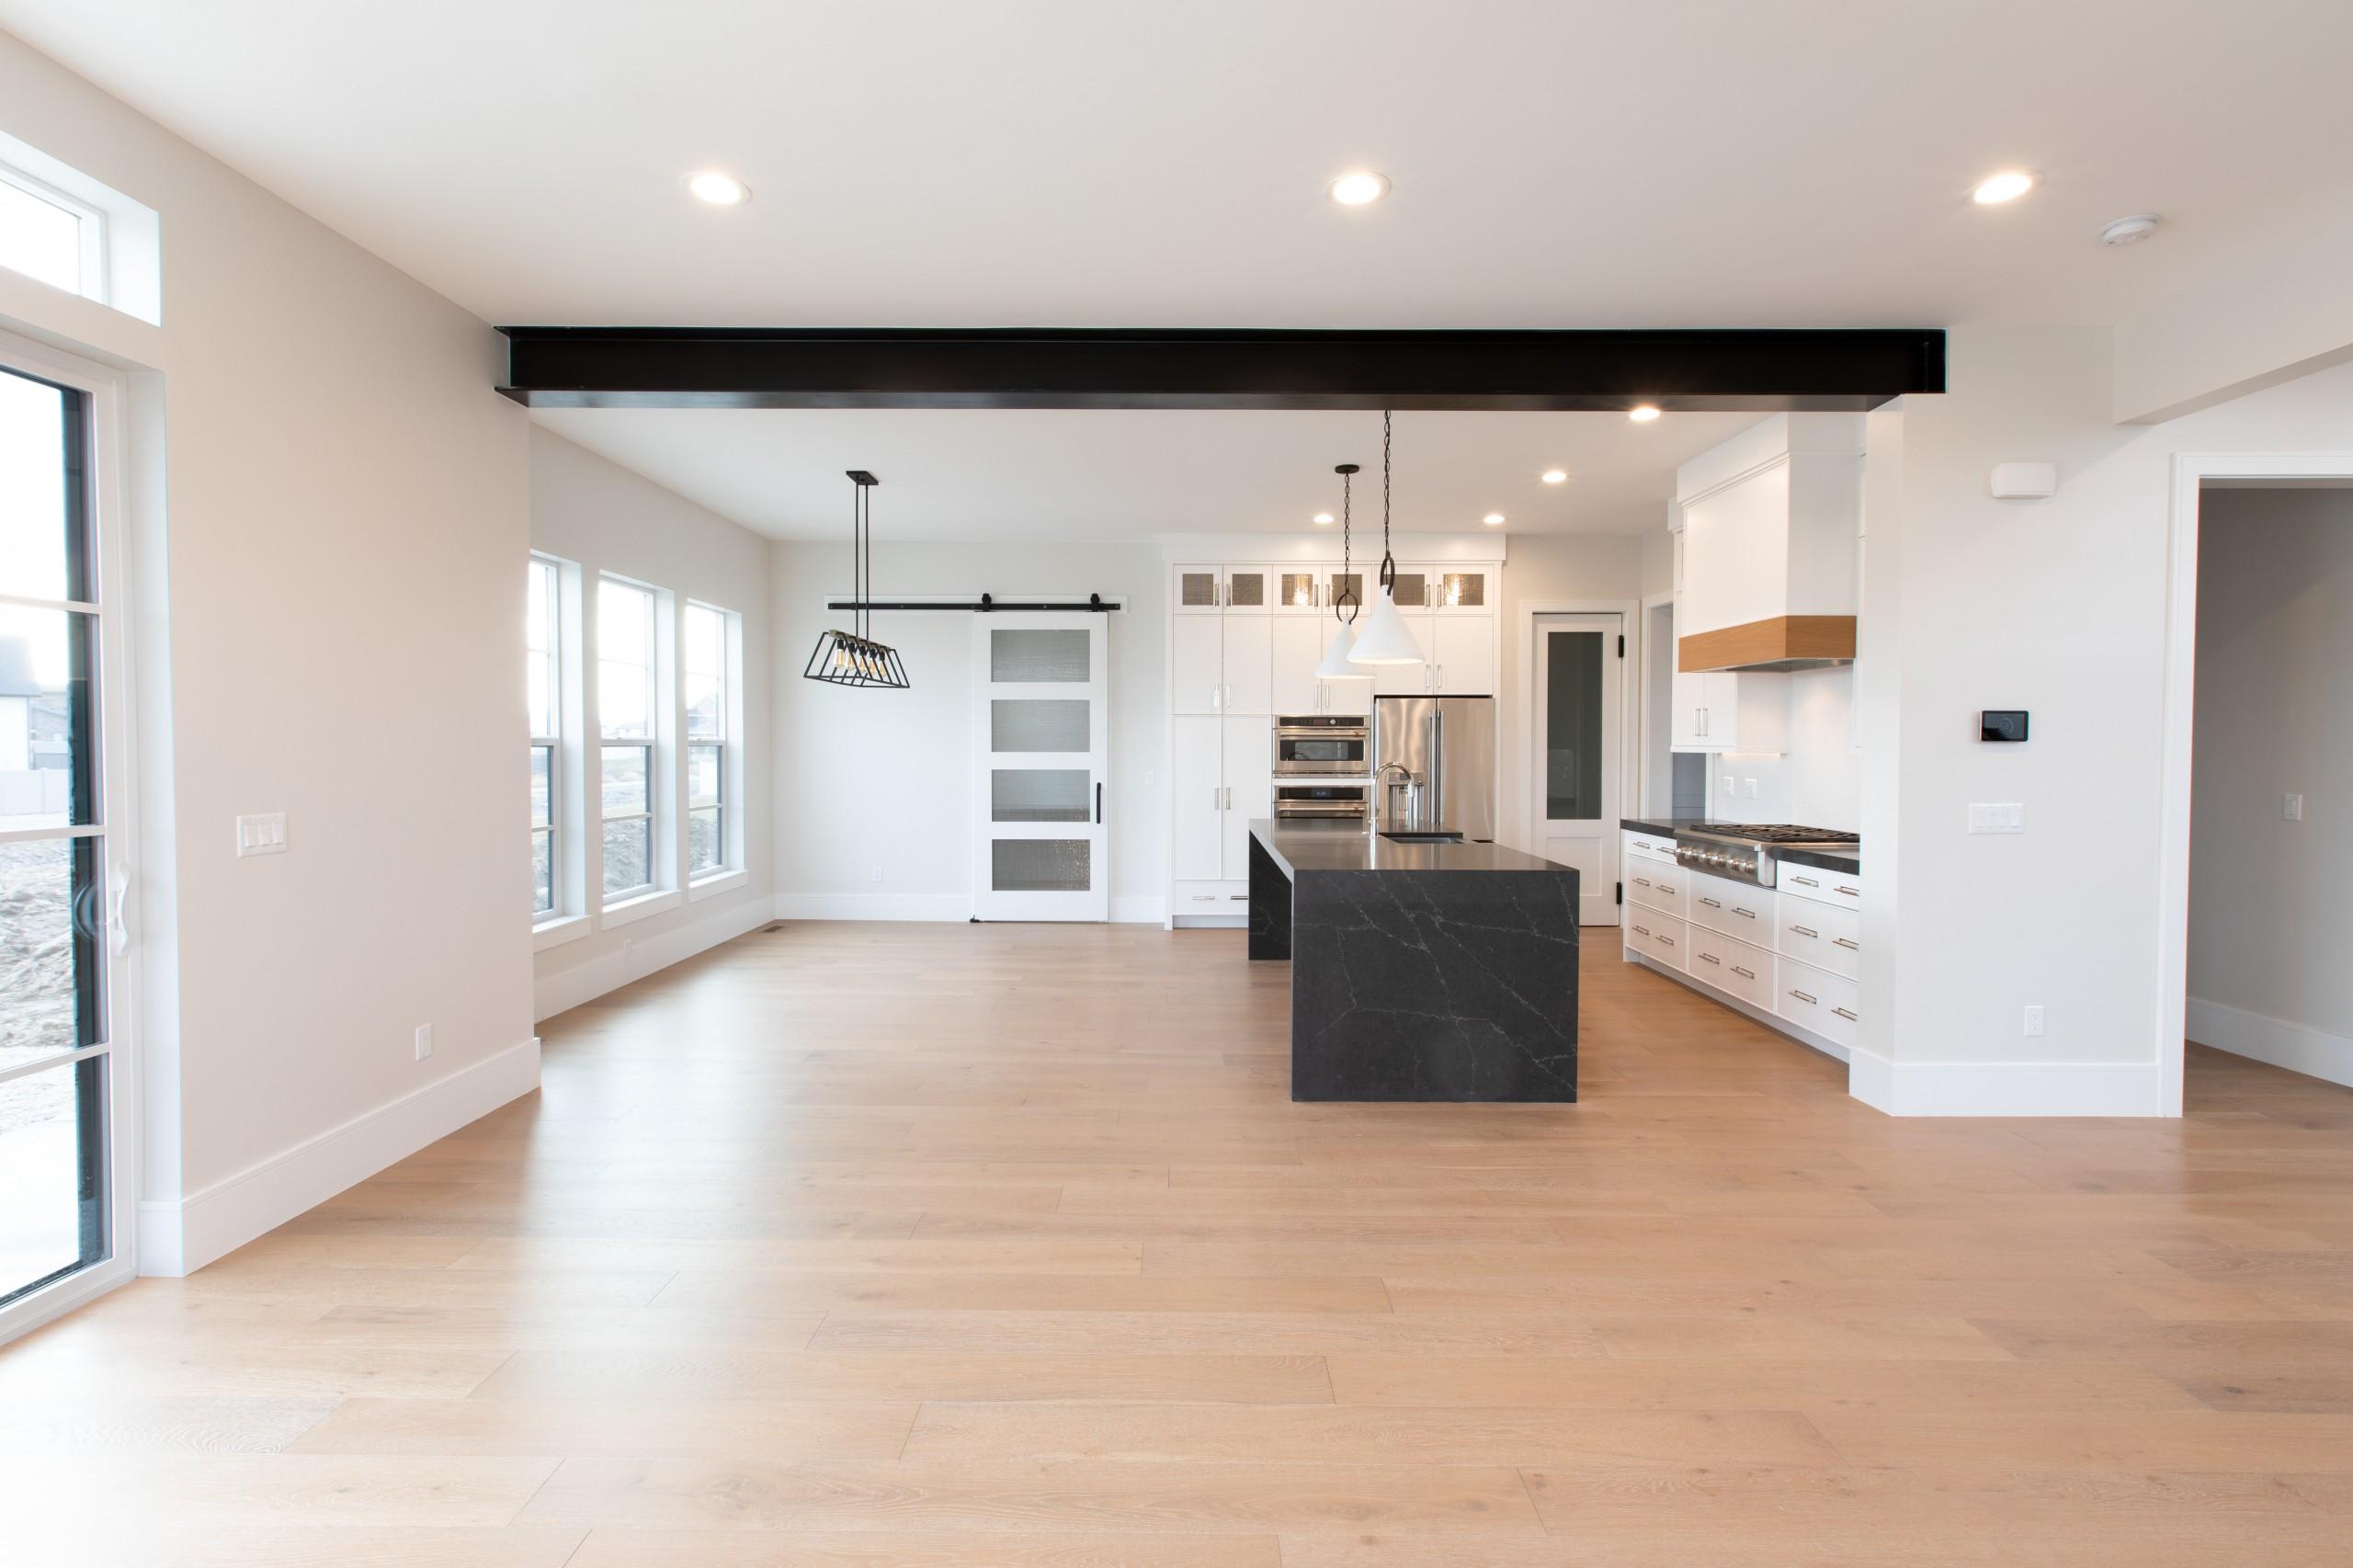 Interior Photography: Kitchen Wide